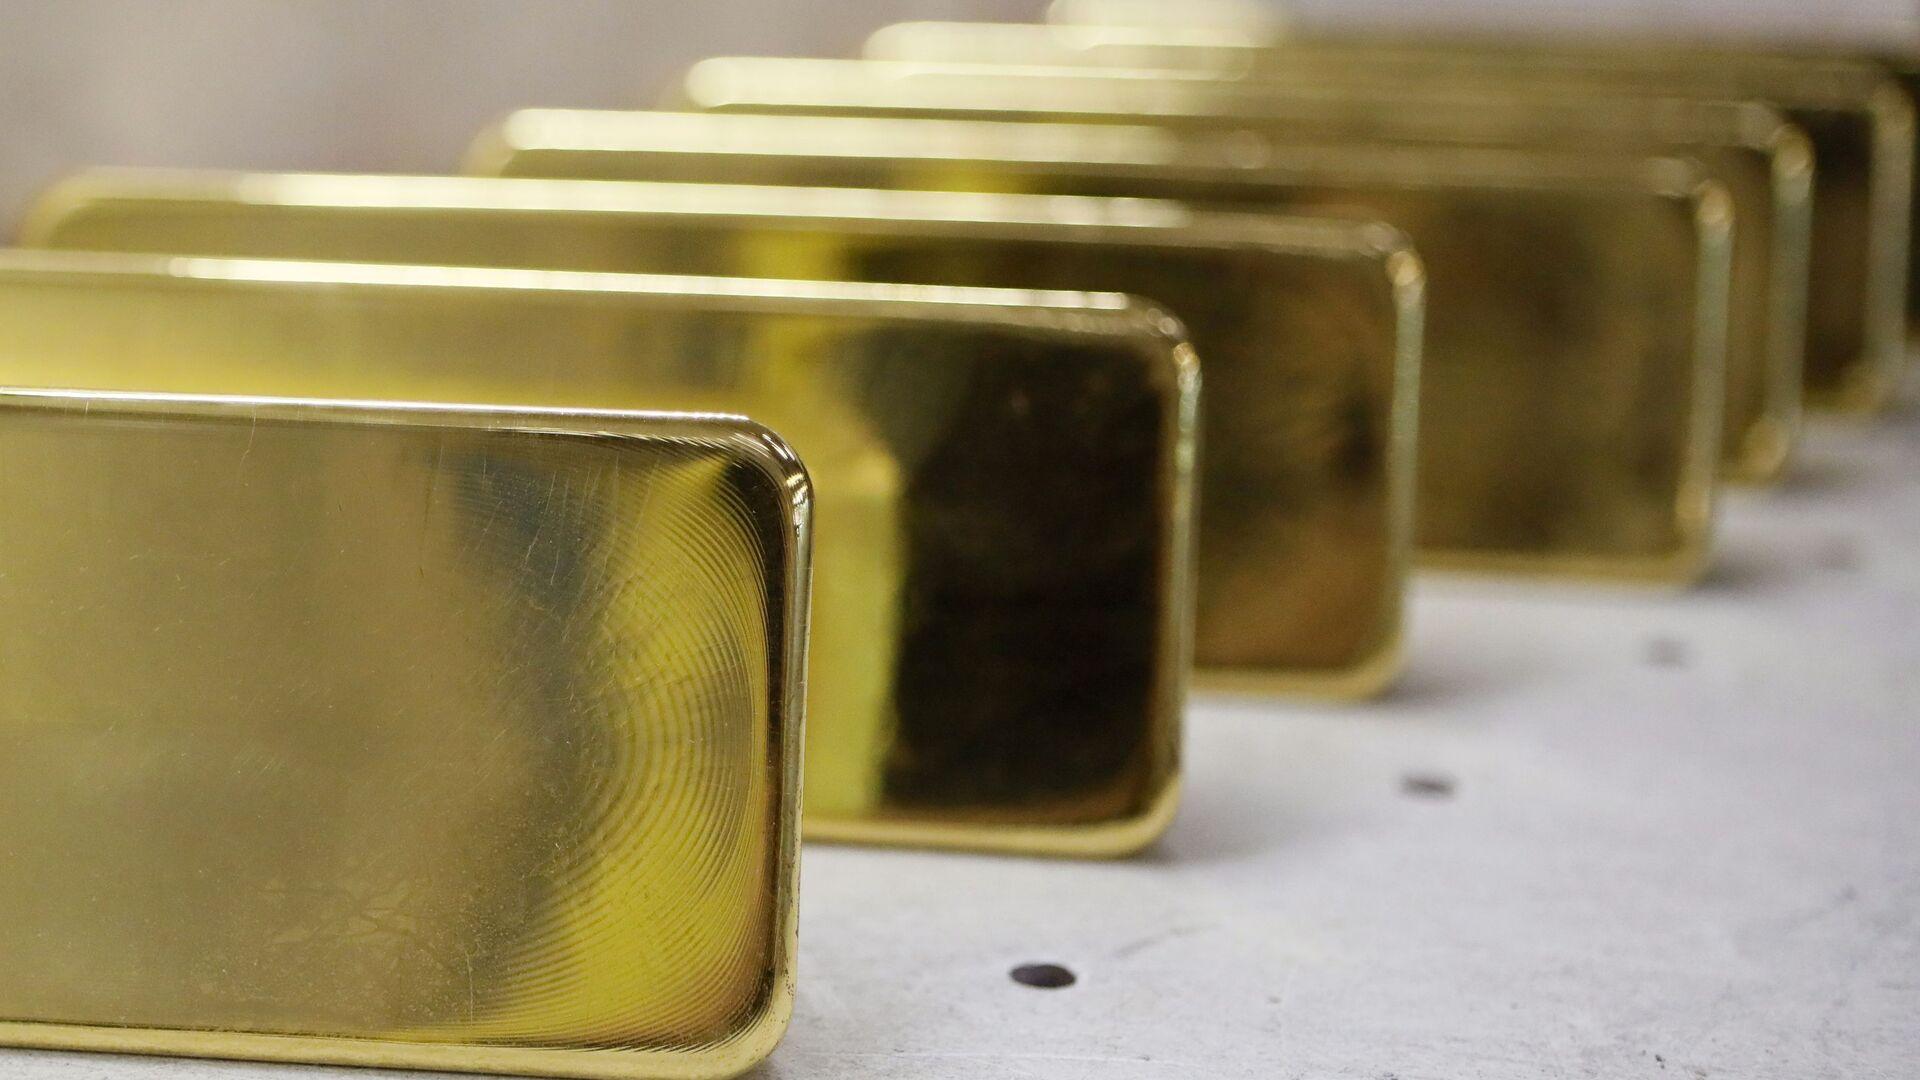 Lingotes de oro - Sputnik Mundo, 1920, 17.02.2021